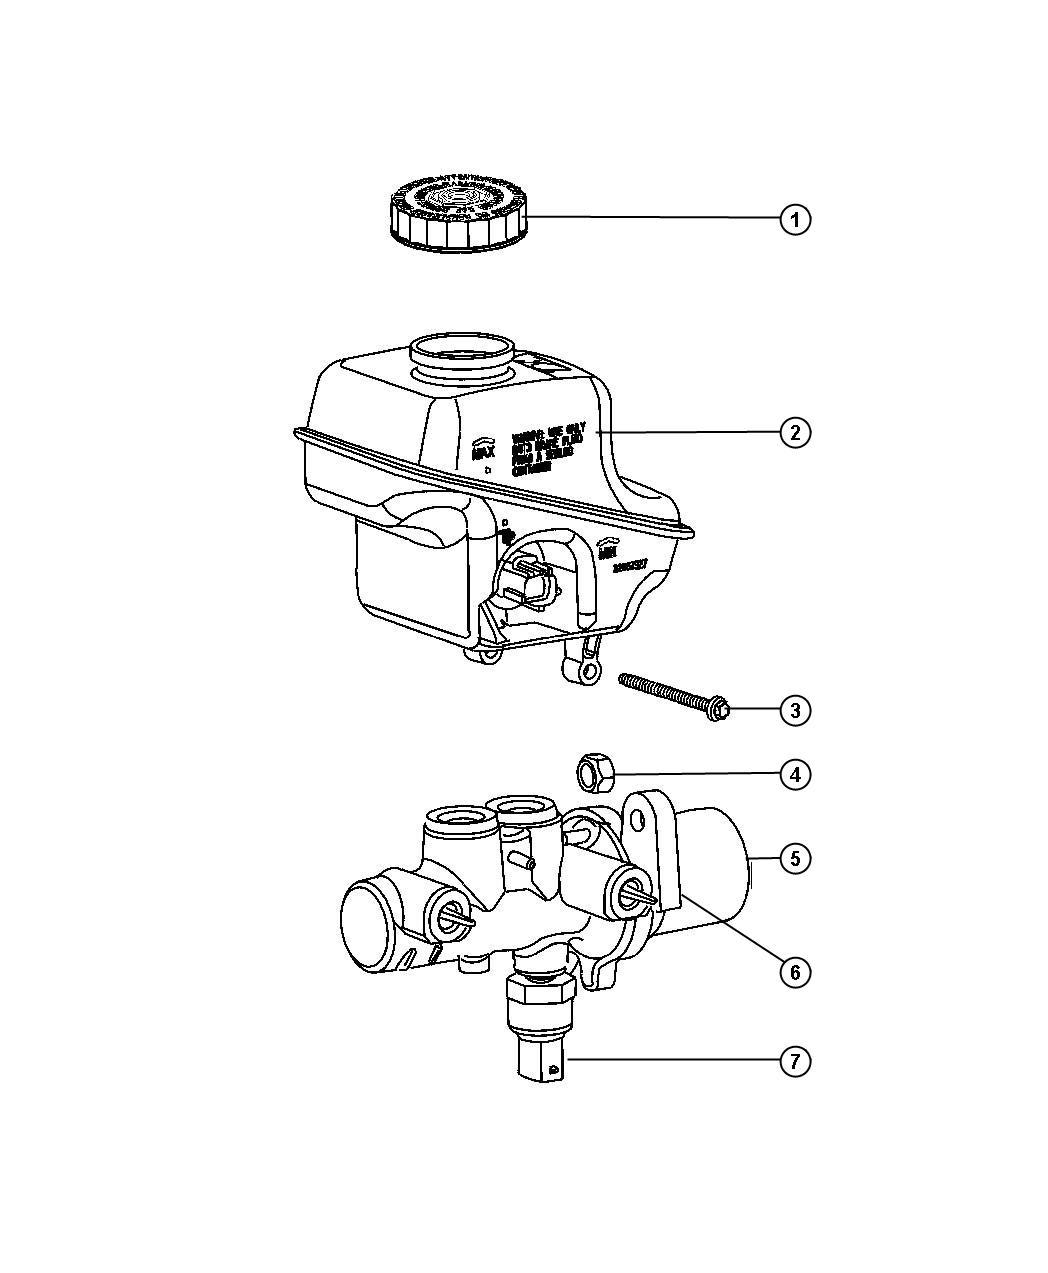 Chrysler 300 Reservoir Brake Master Cylinder With